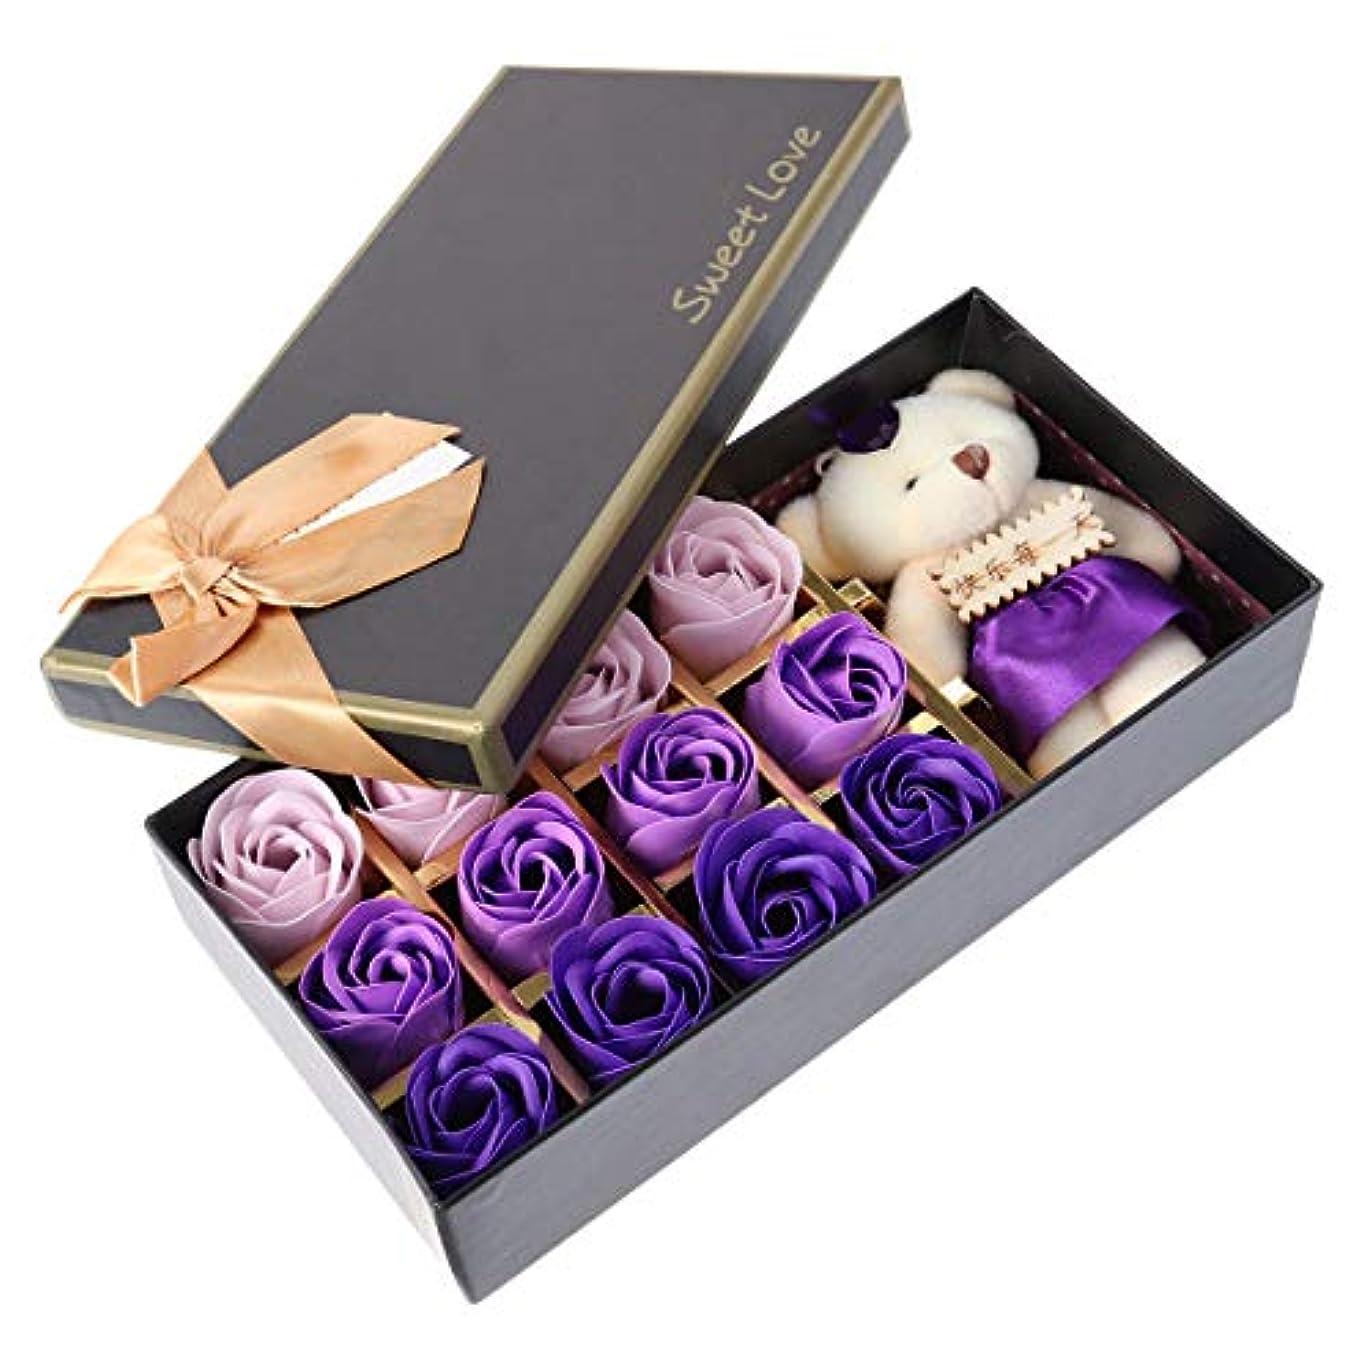 ハッチ有彩色の基本的なBeaupretty バレンタインデーの結婚式の誕生日プレゼントのための小さなクマとバラの石鹸の花